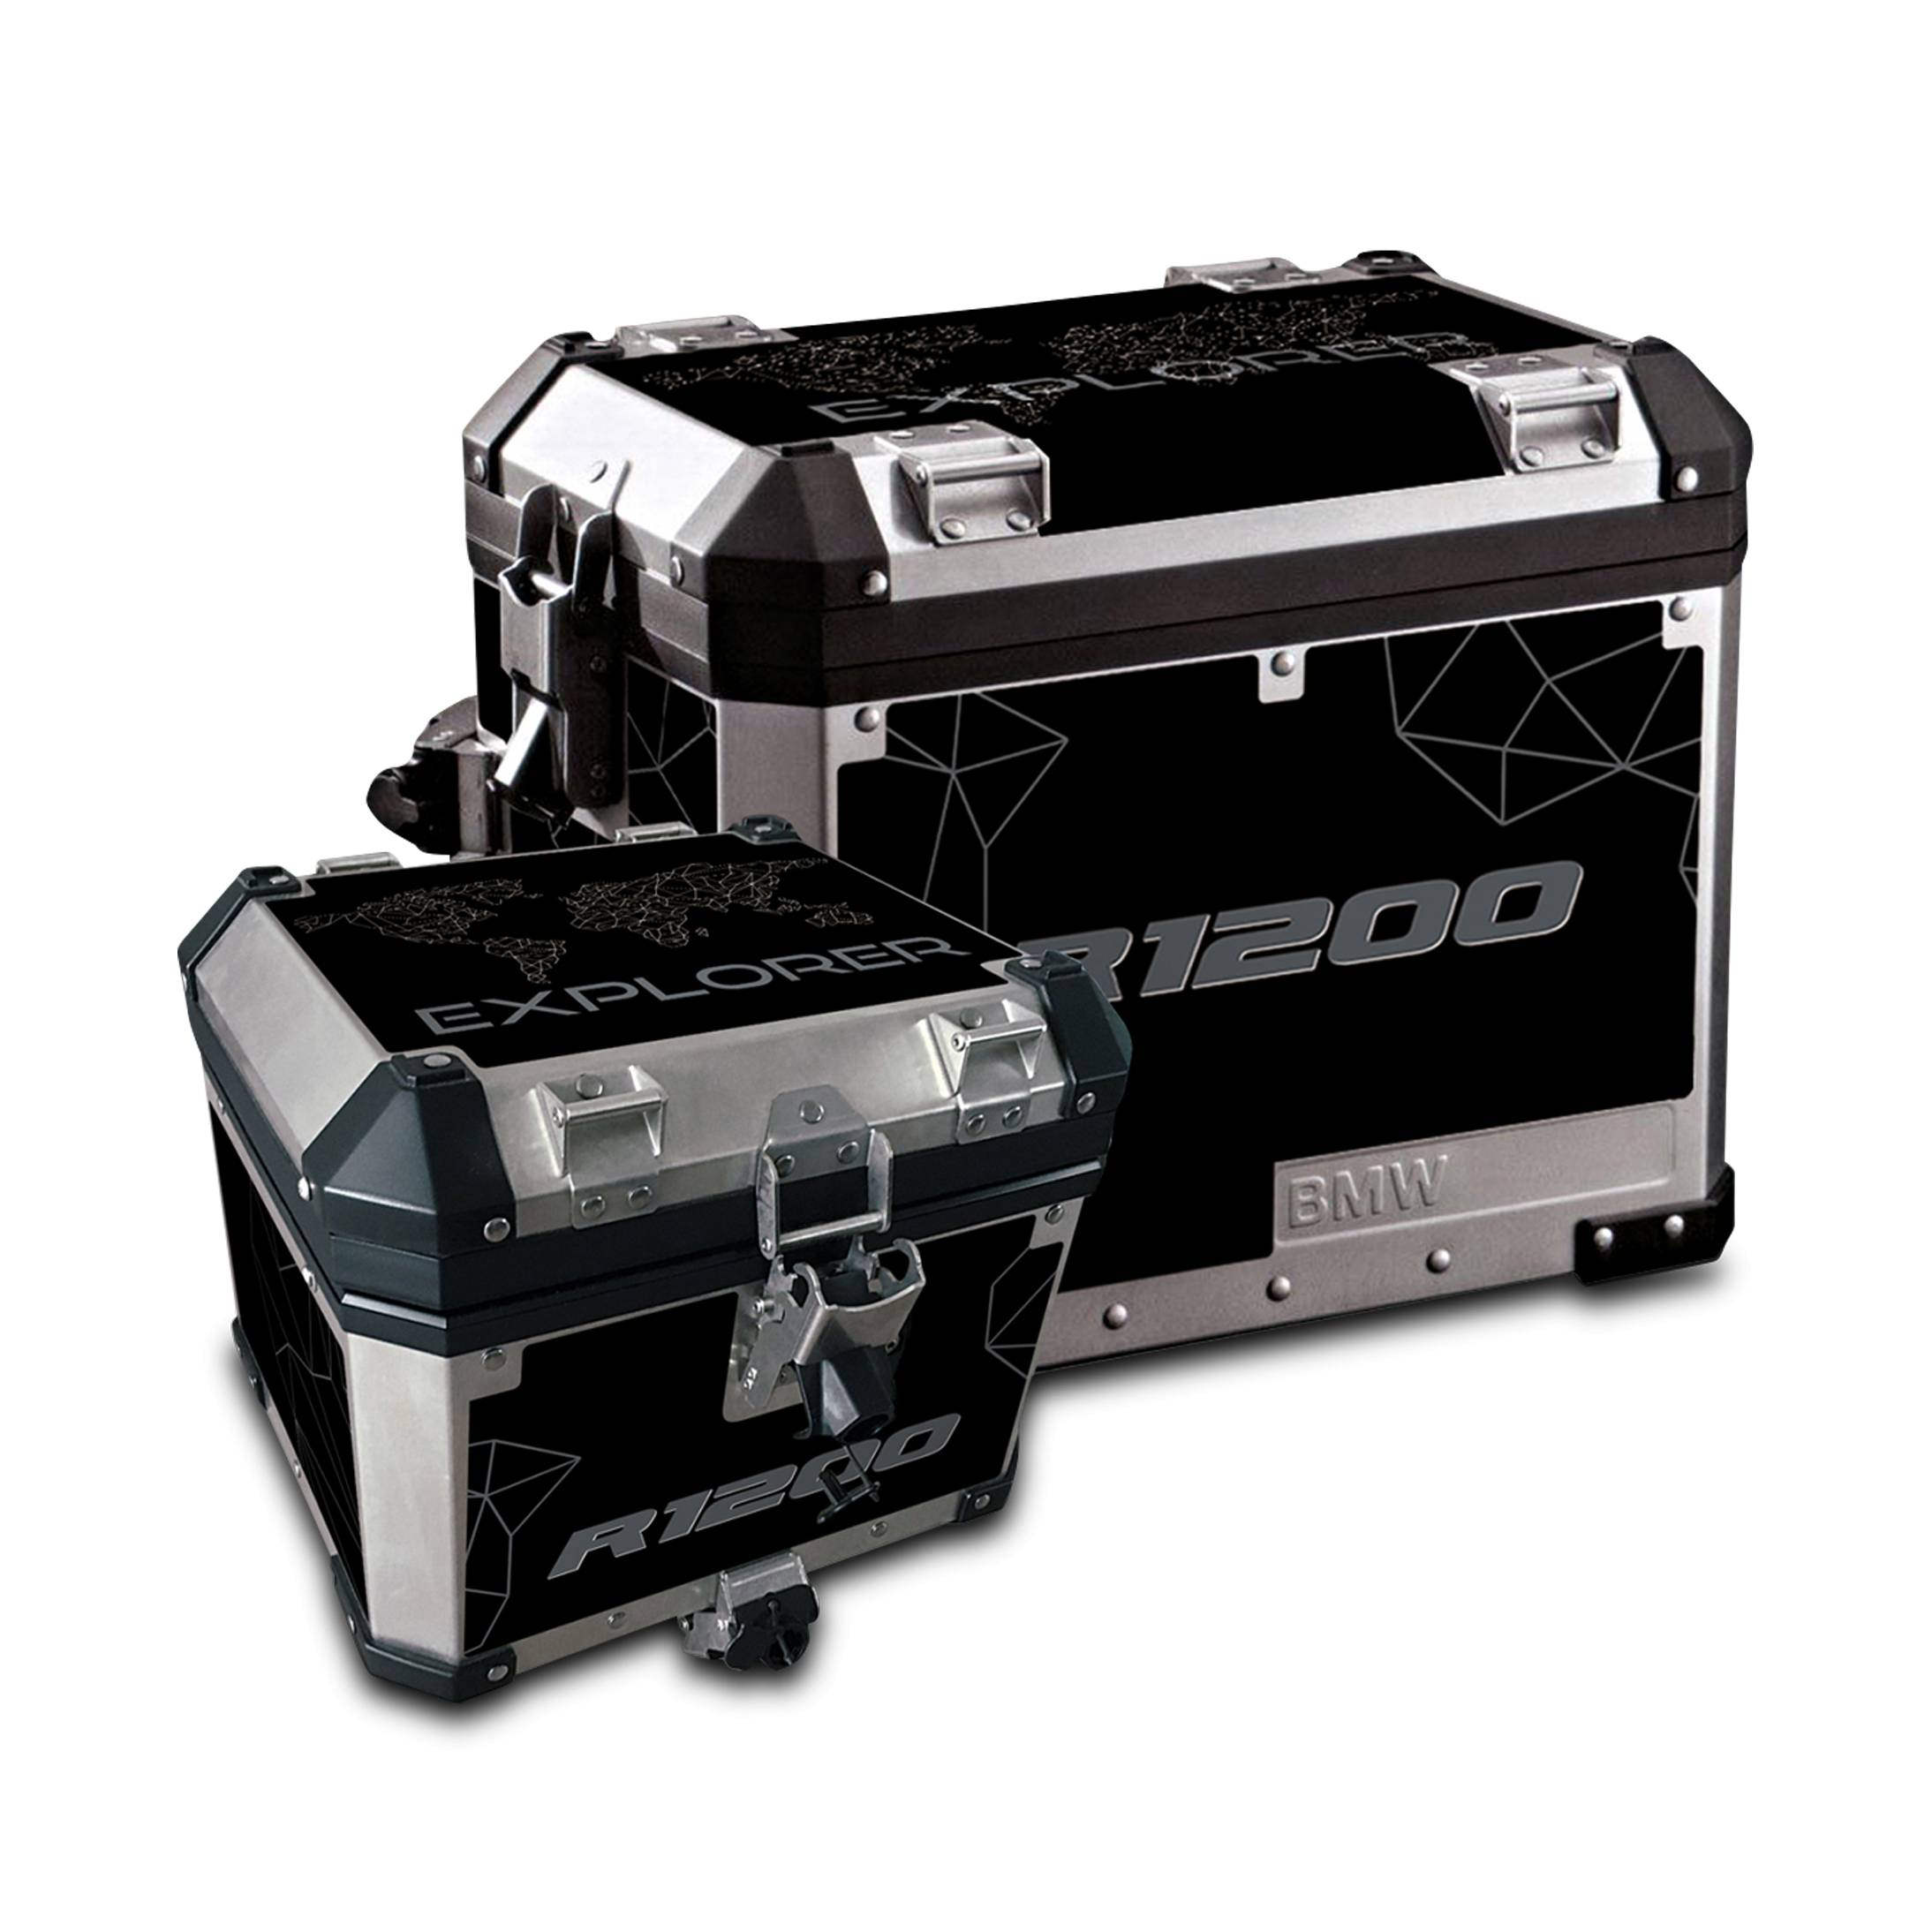 Blackbird Kit Adesivi  per Valigie in Alluminio Wild Frank